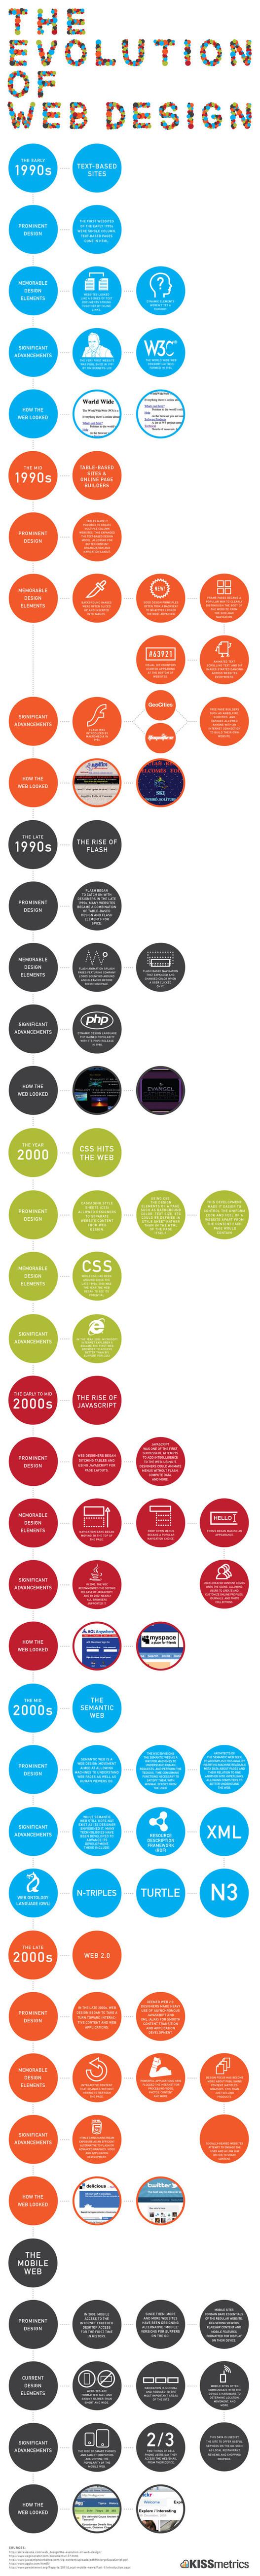 Evolution du Web - 20 ans résumés en 1 image